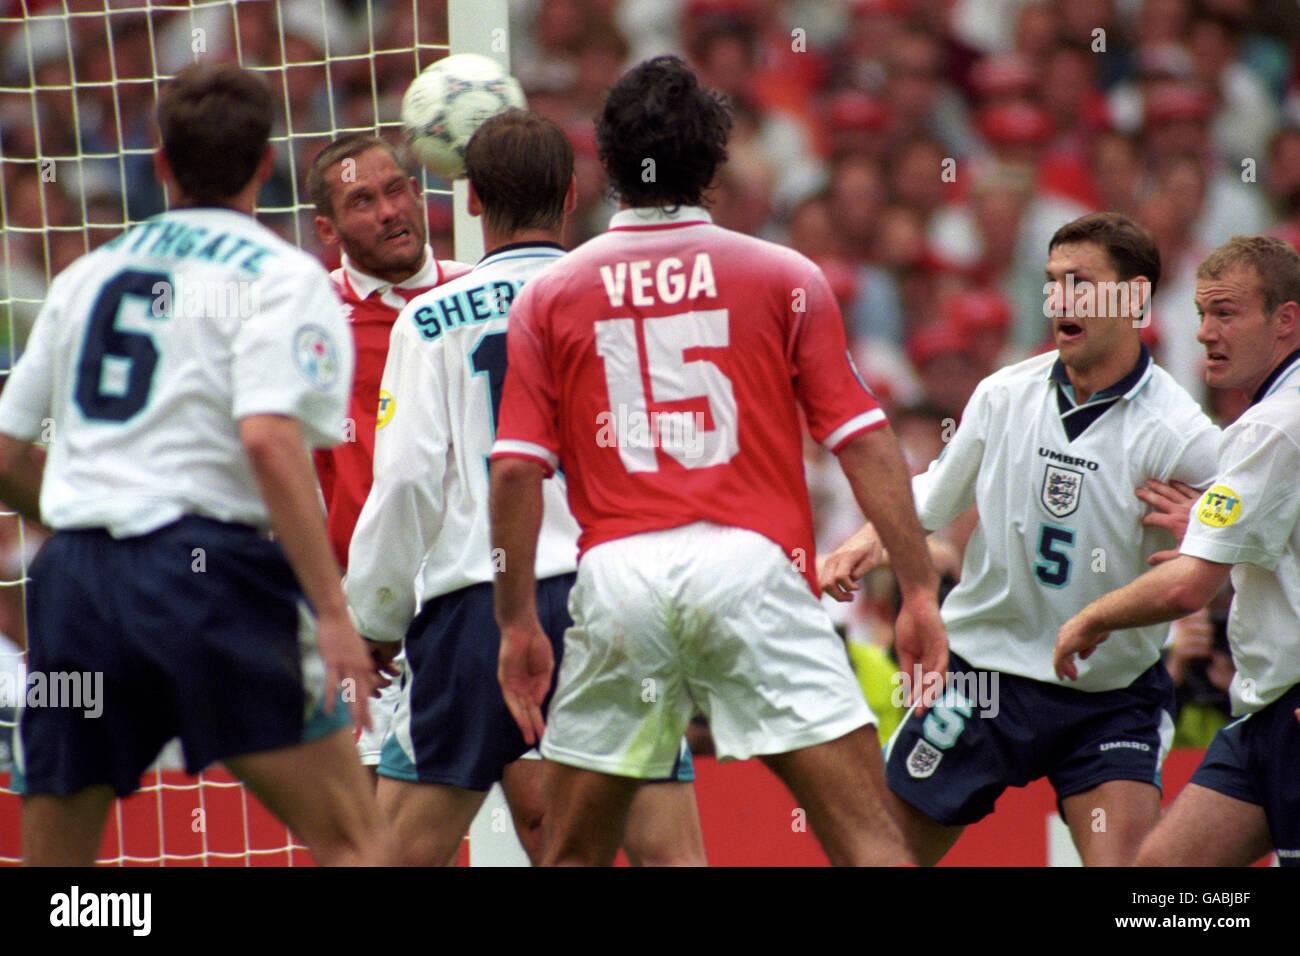 Soccer - Euro 96 - Group One - England v Switzerland - Wembley Stadium - Stock Image